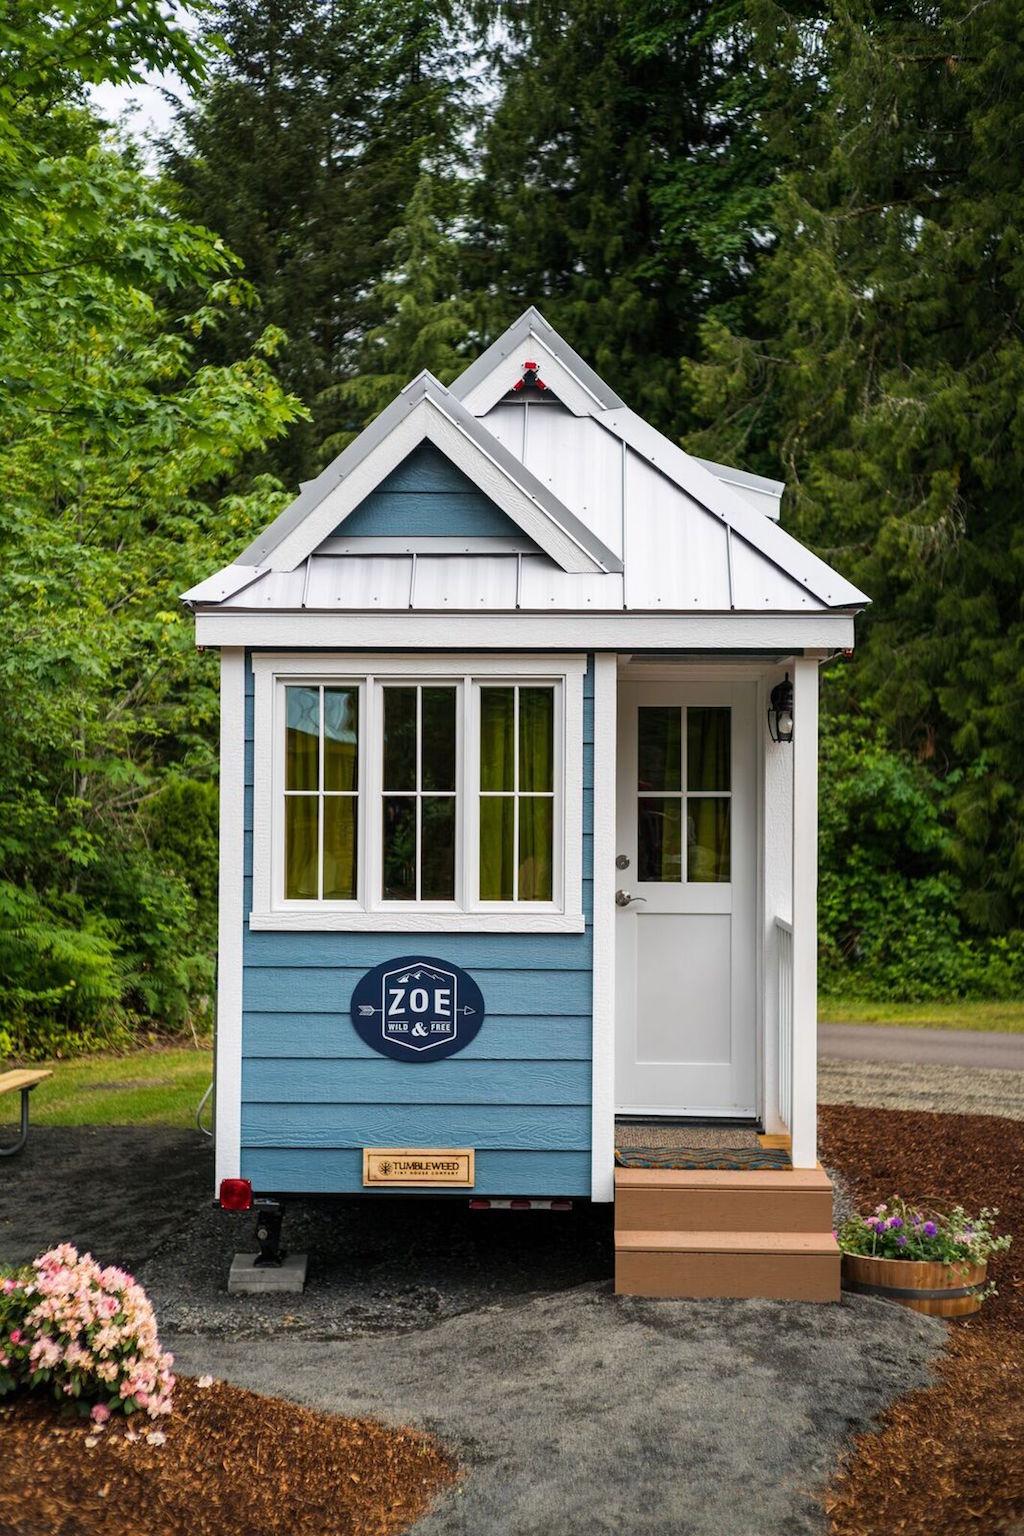 zoe-tiny-house-village-cypress-tumbleweed-mount-hood-13